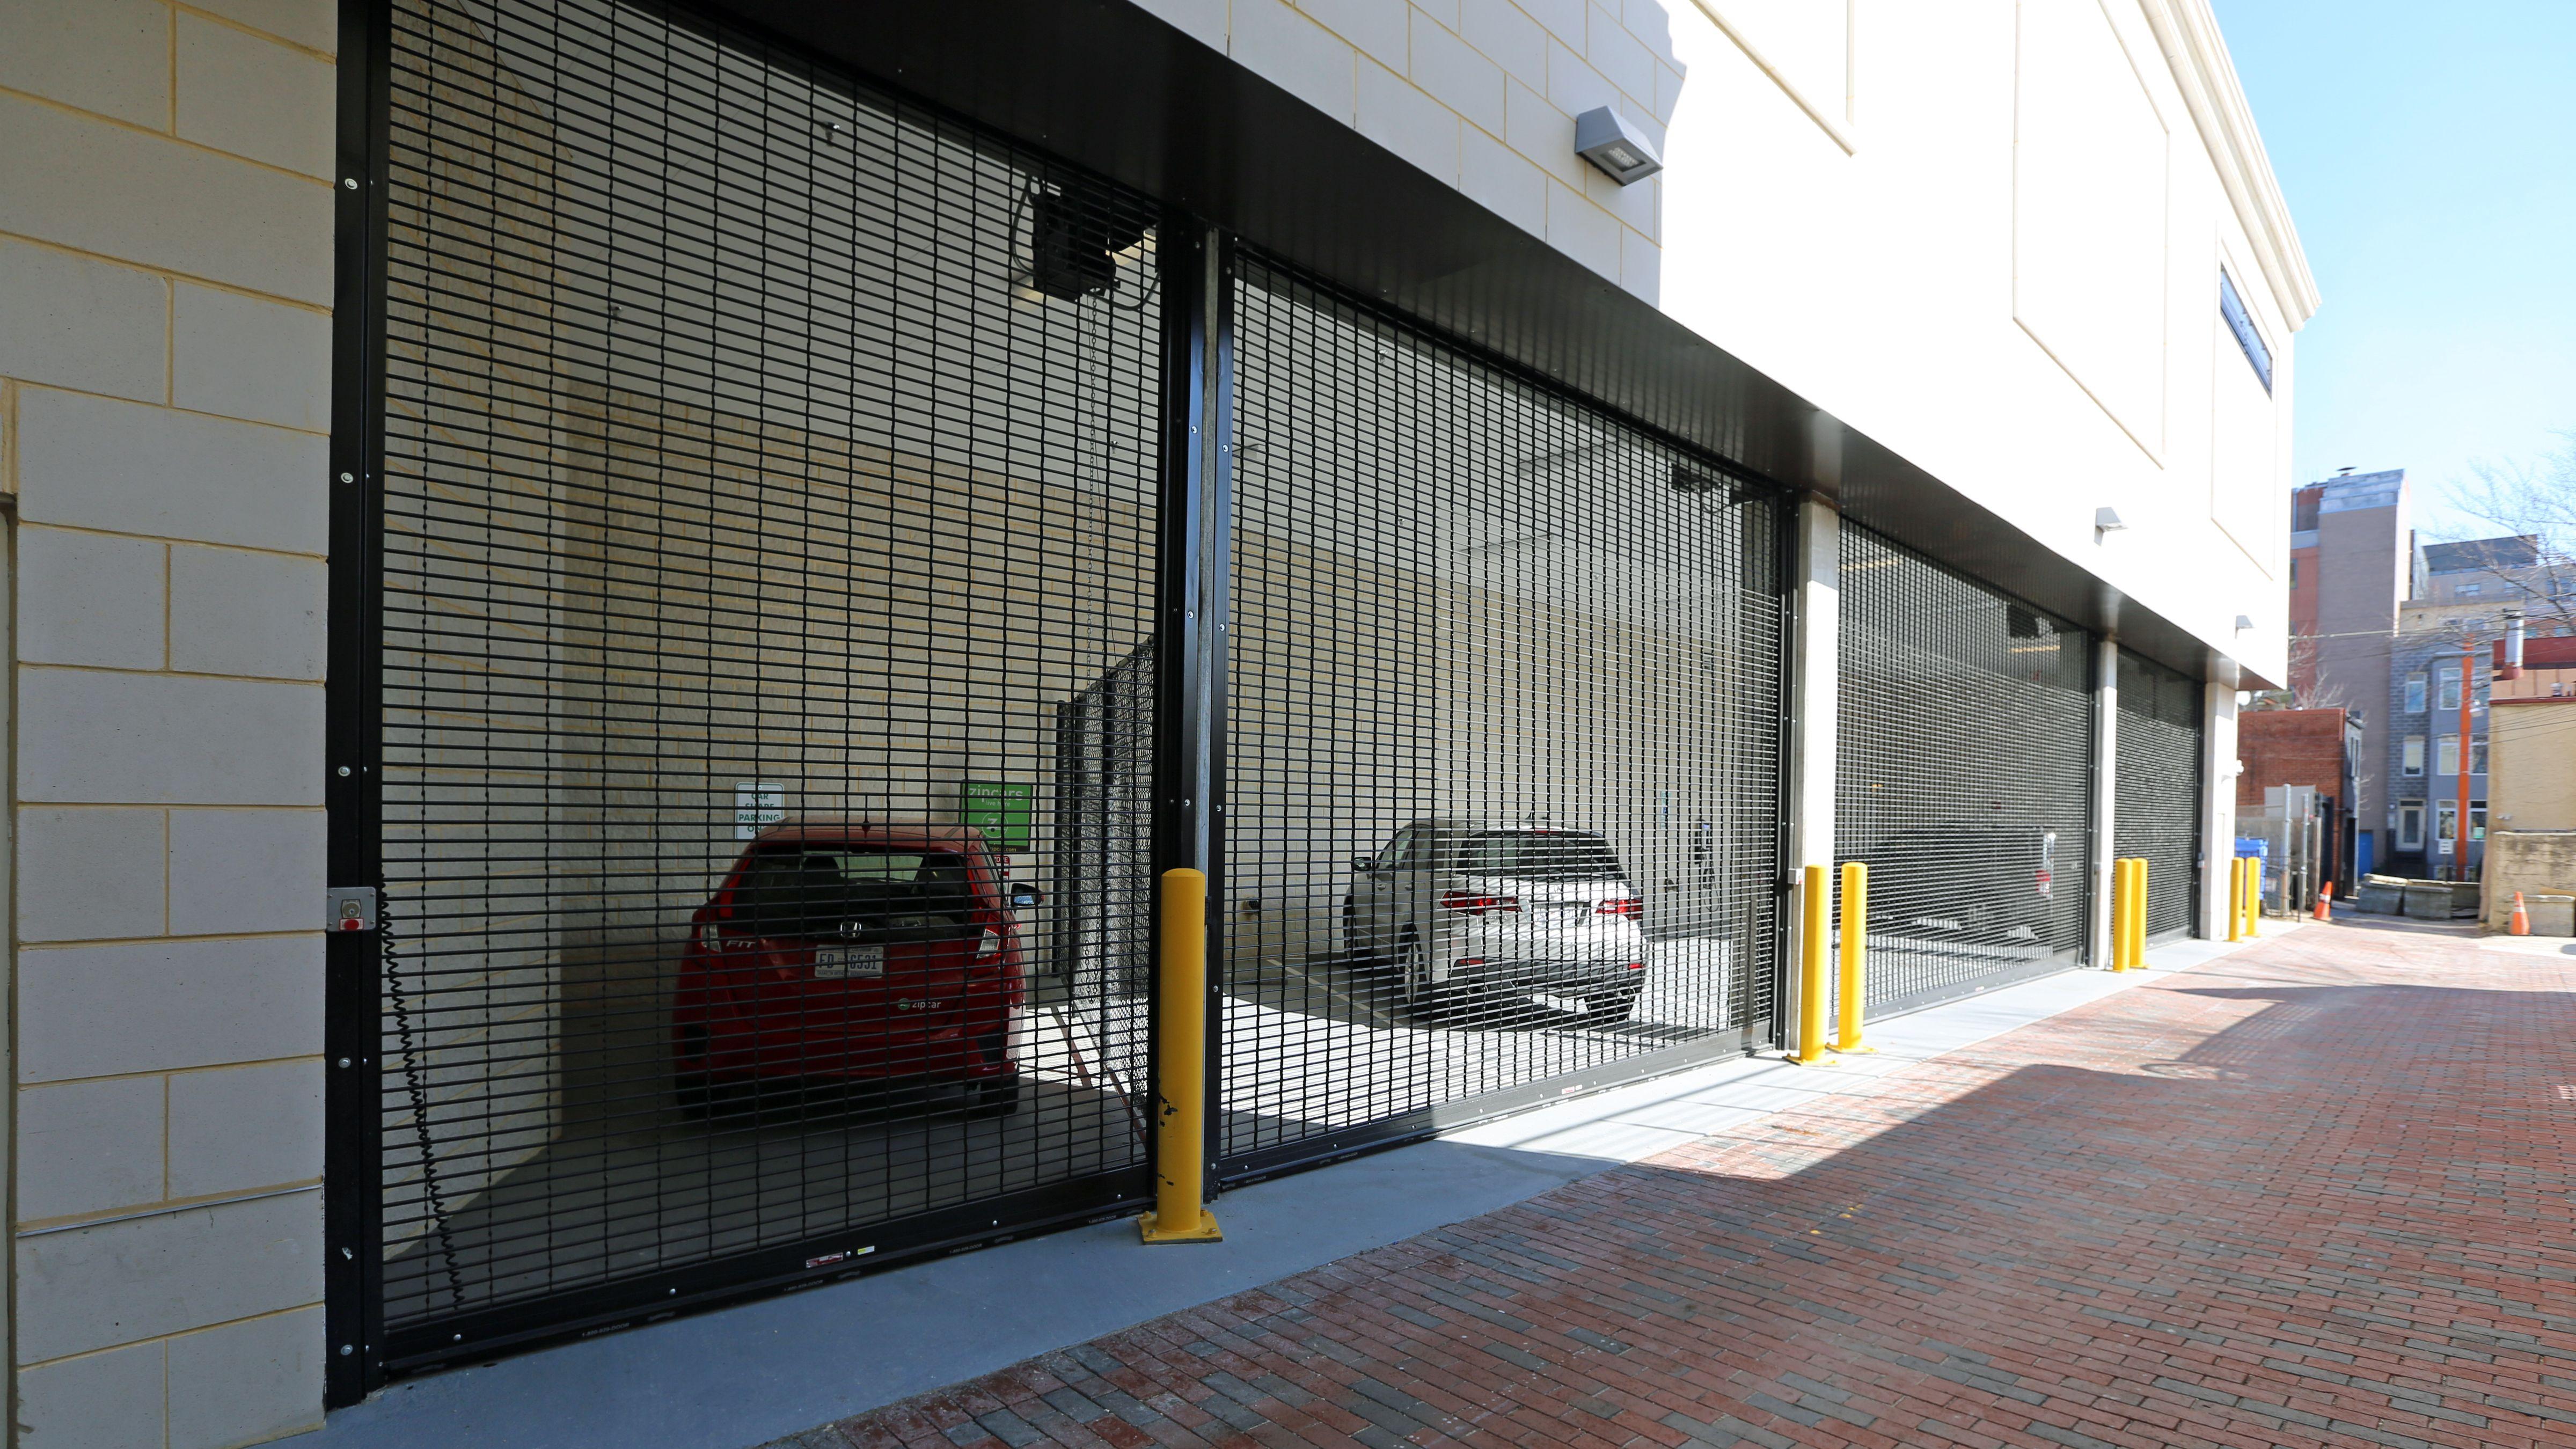 Roll Up Security Grille Garage Doors Installed By Overhead Door